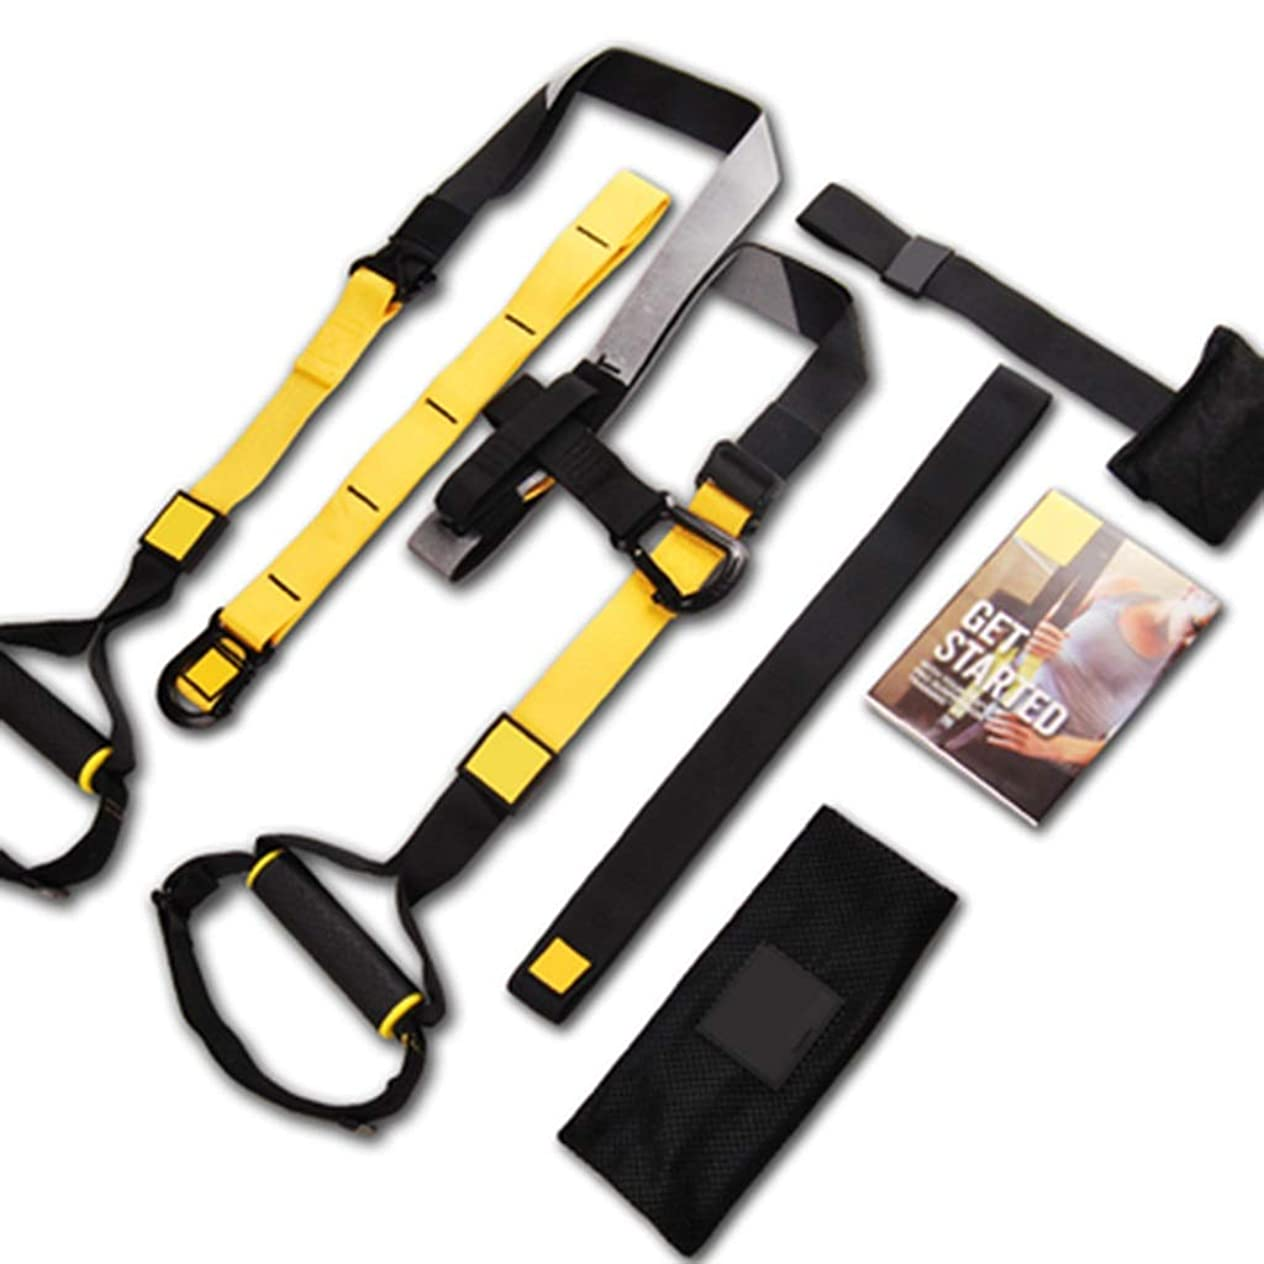 サスペンション足首媒染剤吊り下げトレーニングベルトP7プルロープジム専用フィットネス機器 (色 : Suspension belt)